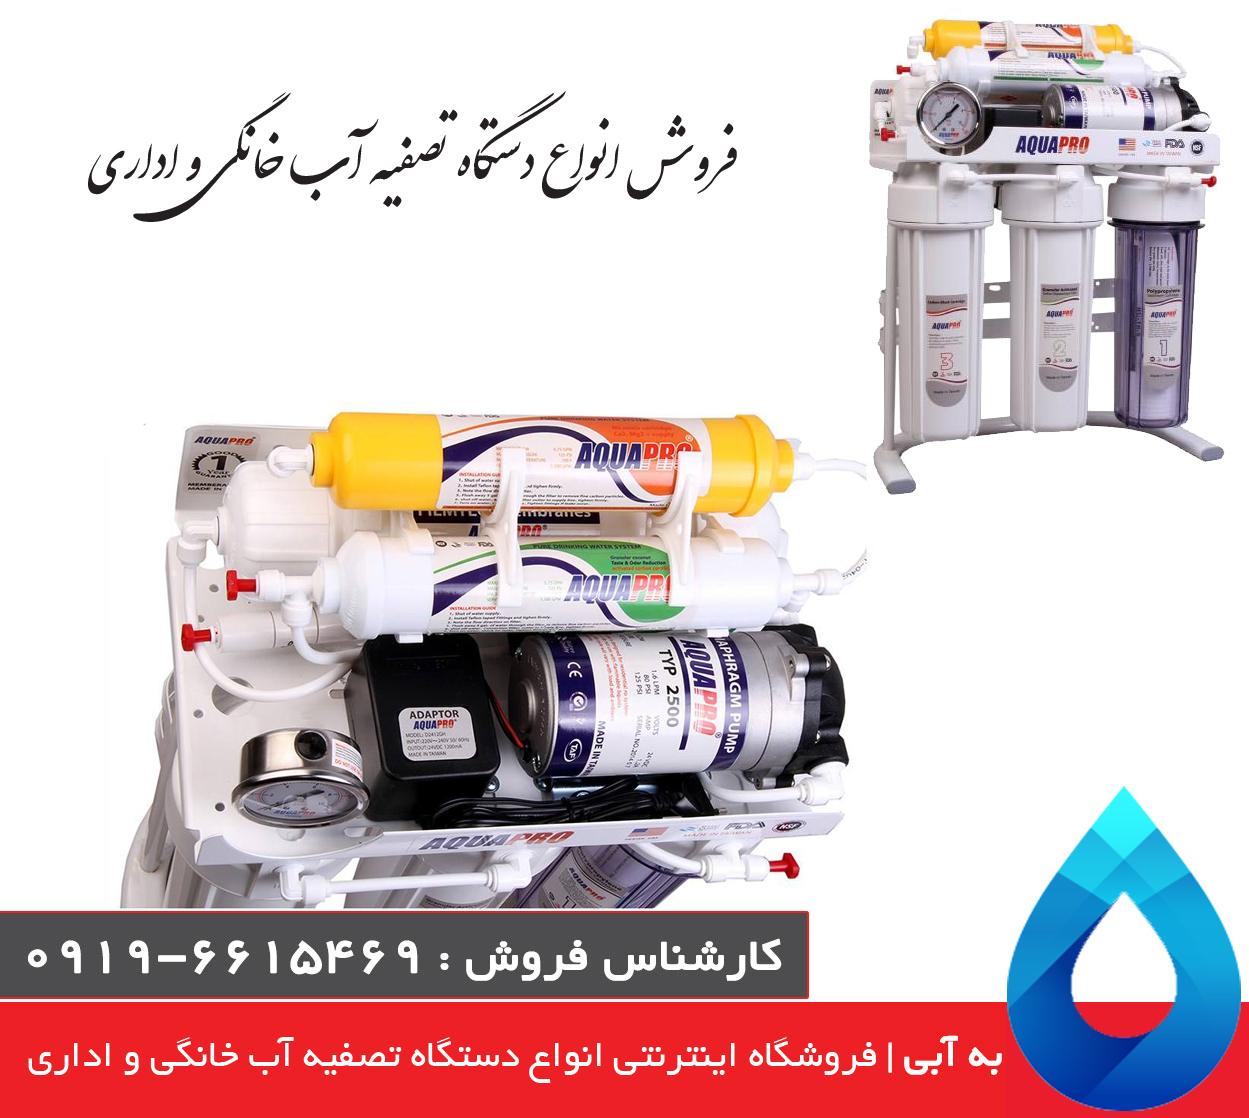 مشخصات و قیمت دستگاه تصفیه آب